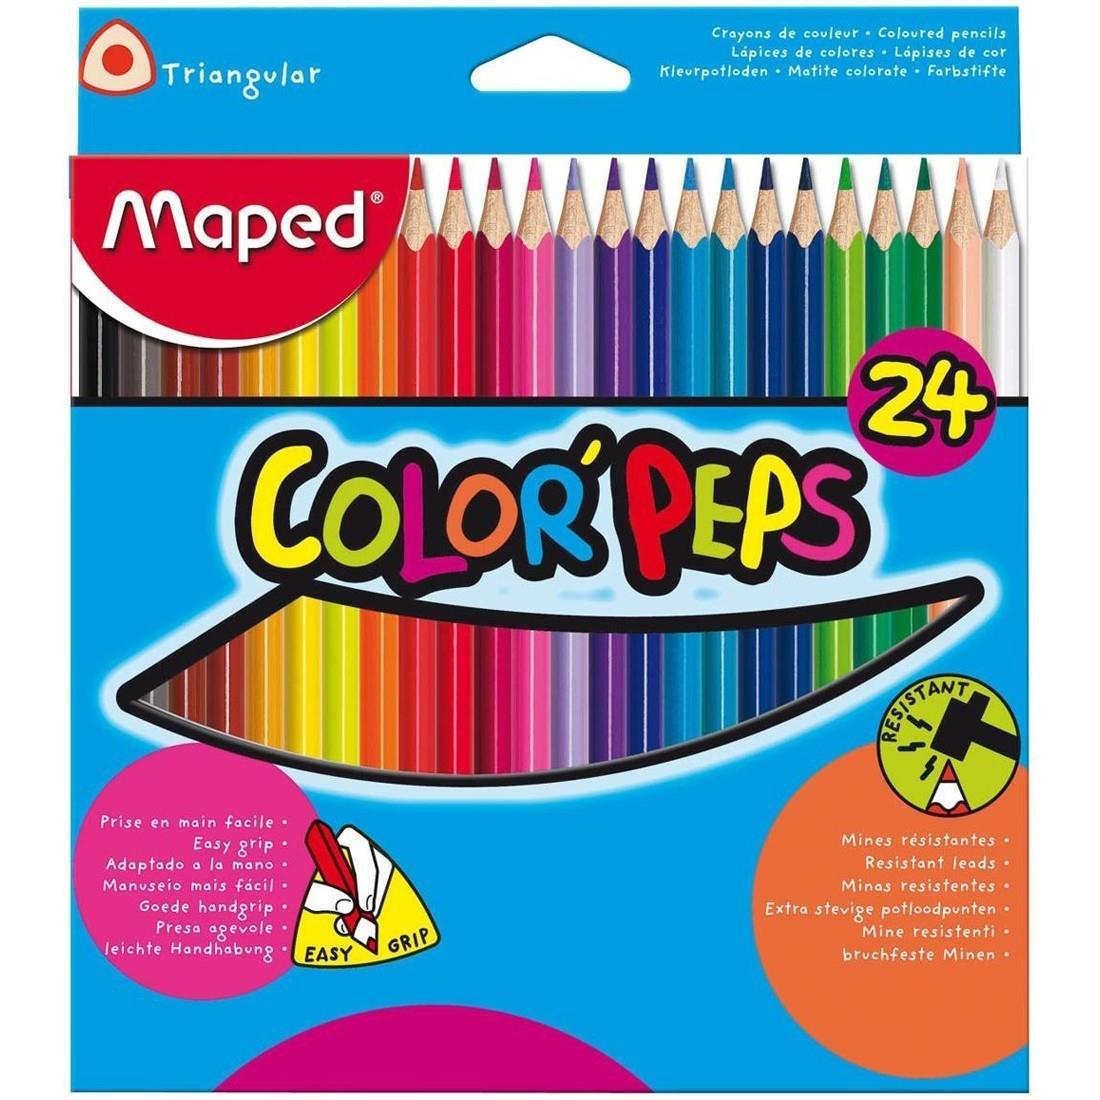 Ξυλομπογιές Maped Color' Peps 24 χρωμάτων - 1